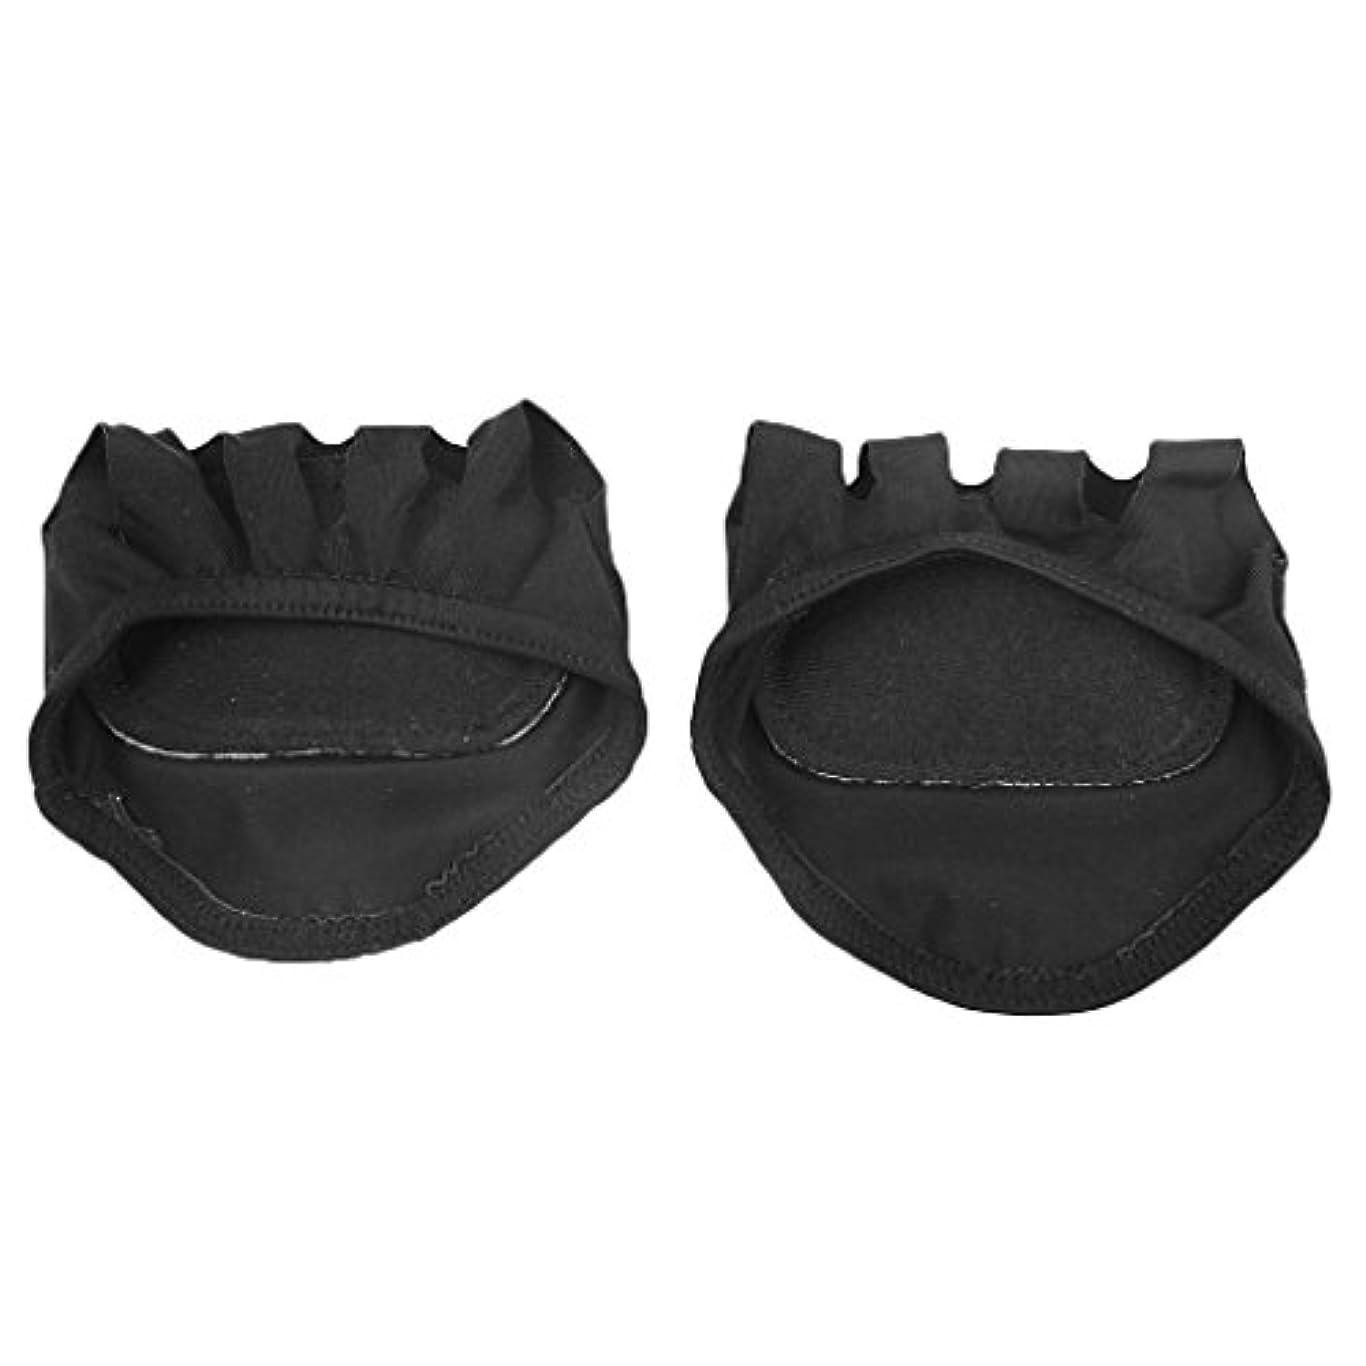 鋭く奇妙な興味【Footful】ソックス 靴下 マッサージクッション 見えない 滑り止め 5つま先前足 ソックス (ブラック)